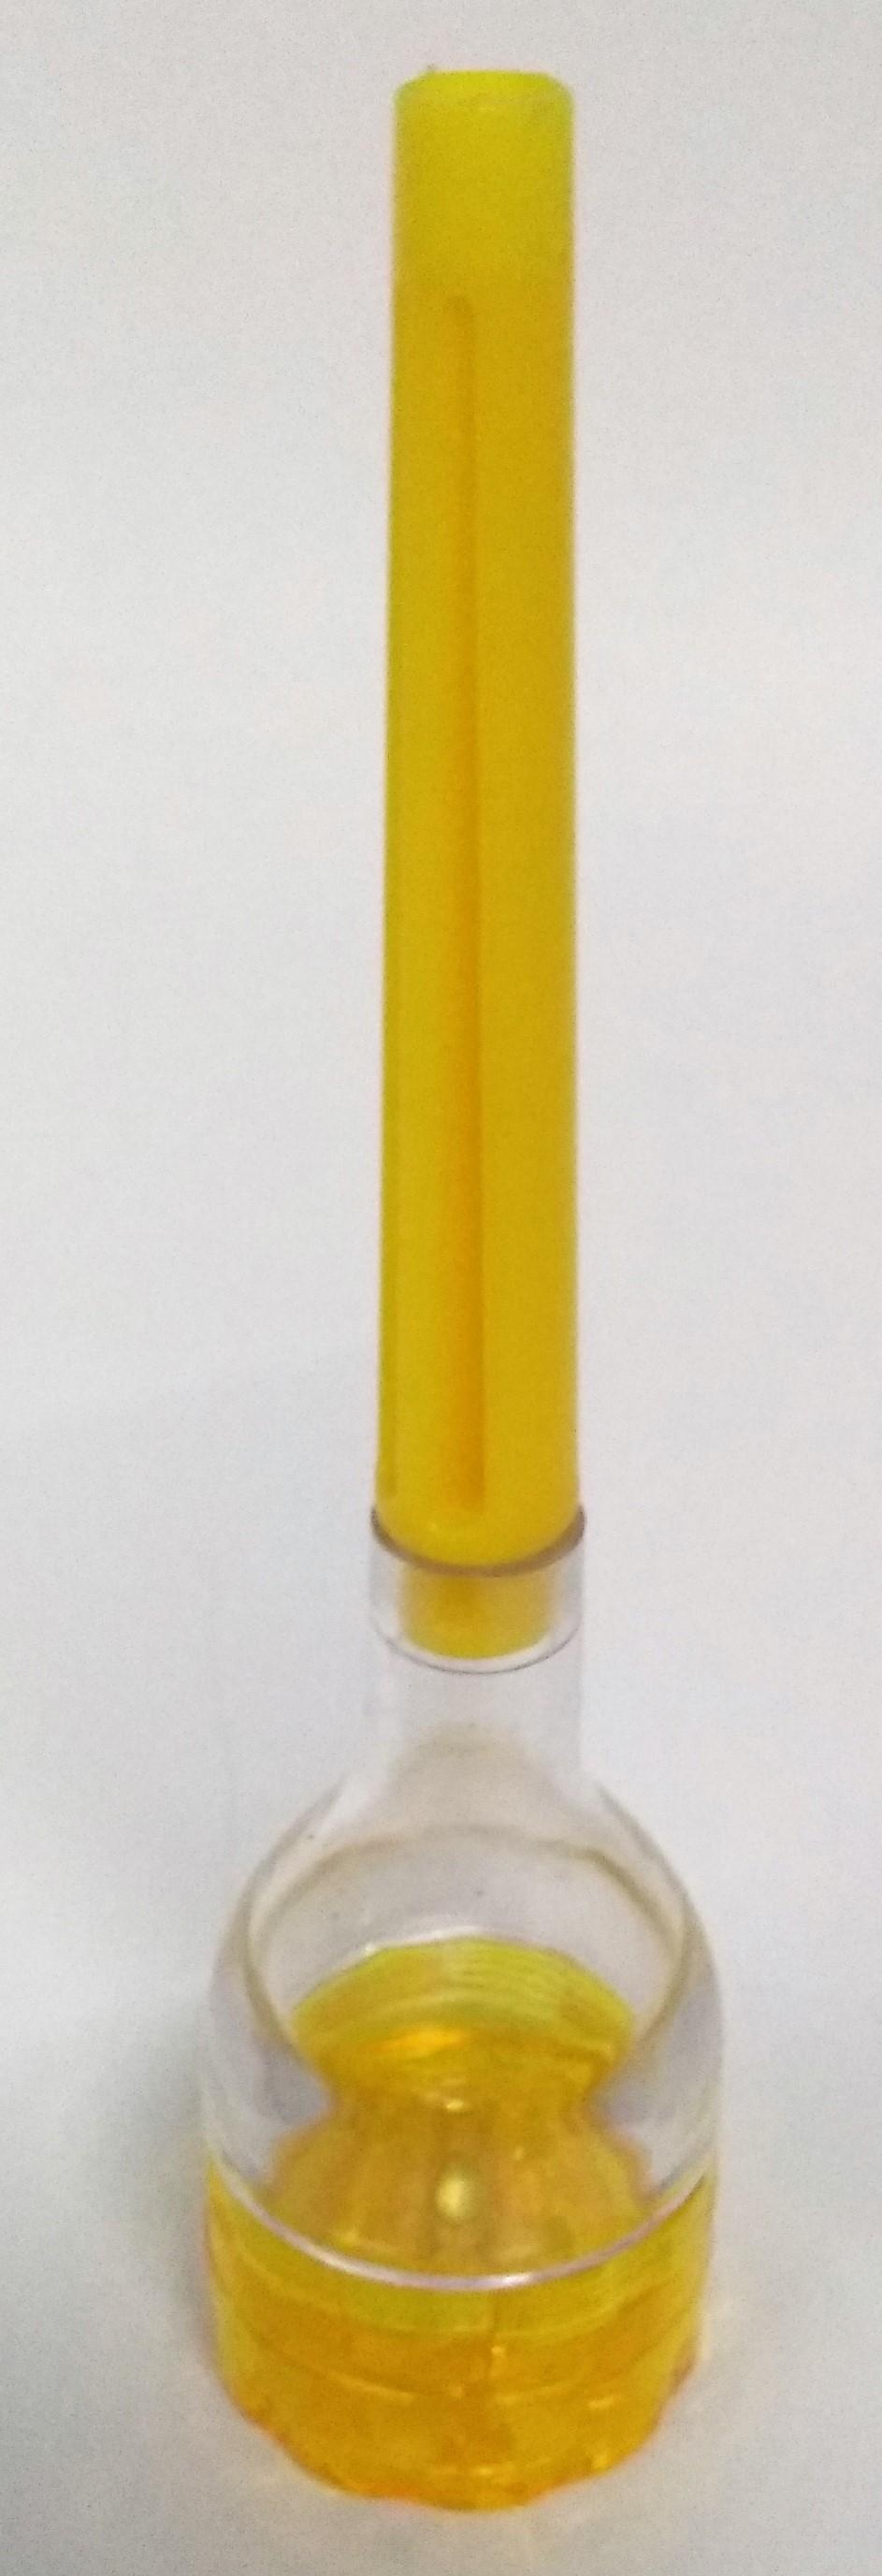 Triturador Acrílico Cone Amarelo